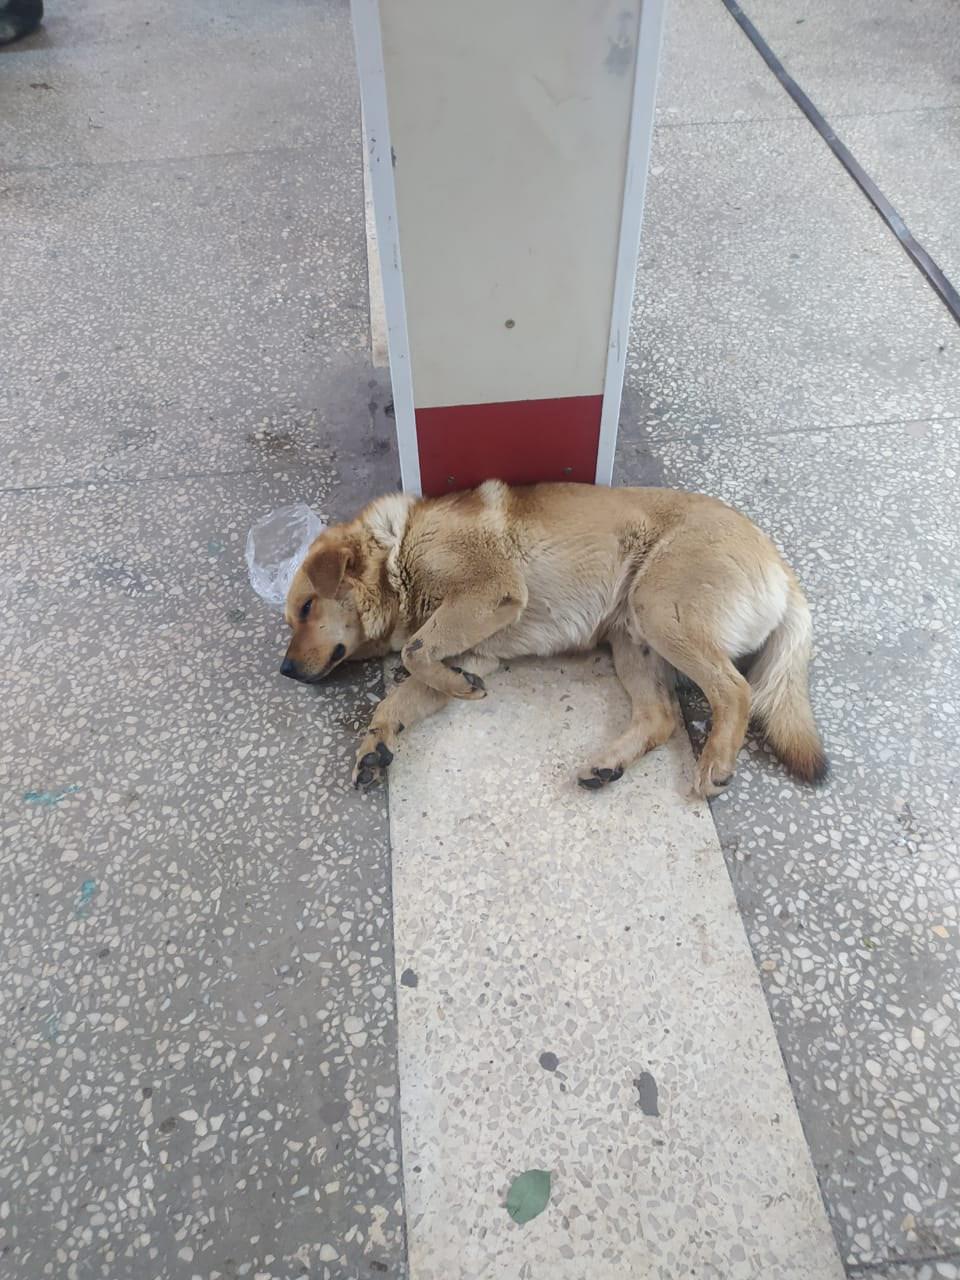 Срочно нужна помощь собаке. Остановка театр кукол,